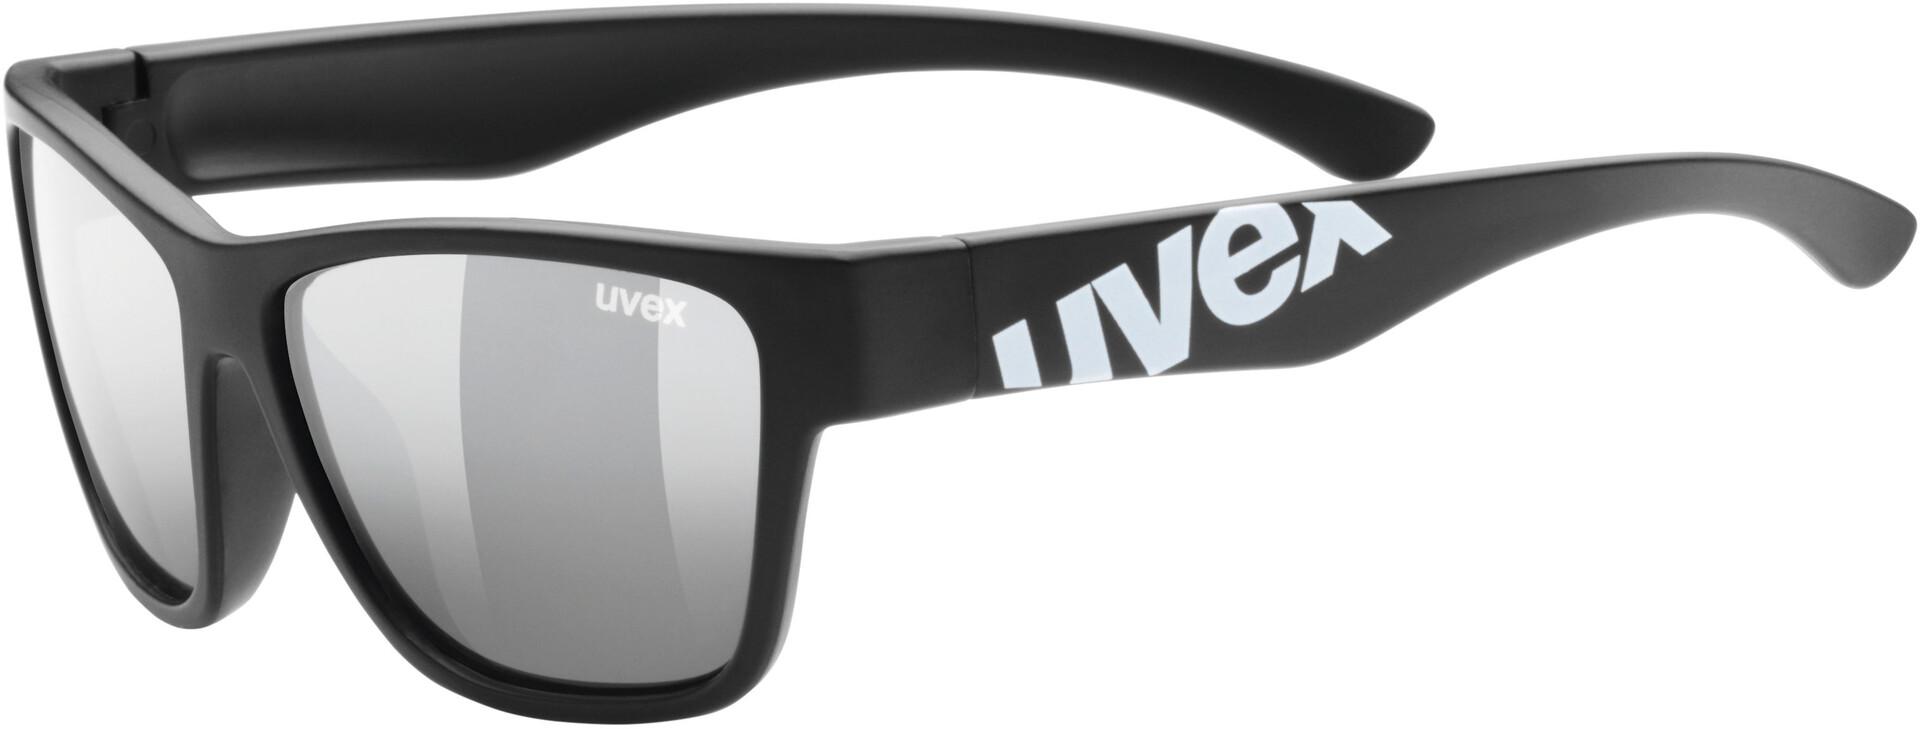 lunette sport enfant,lunette de soleil original homme